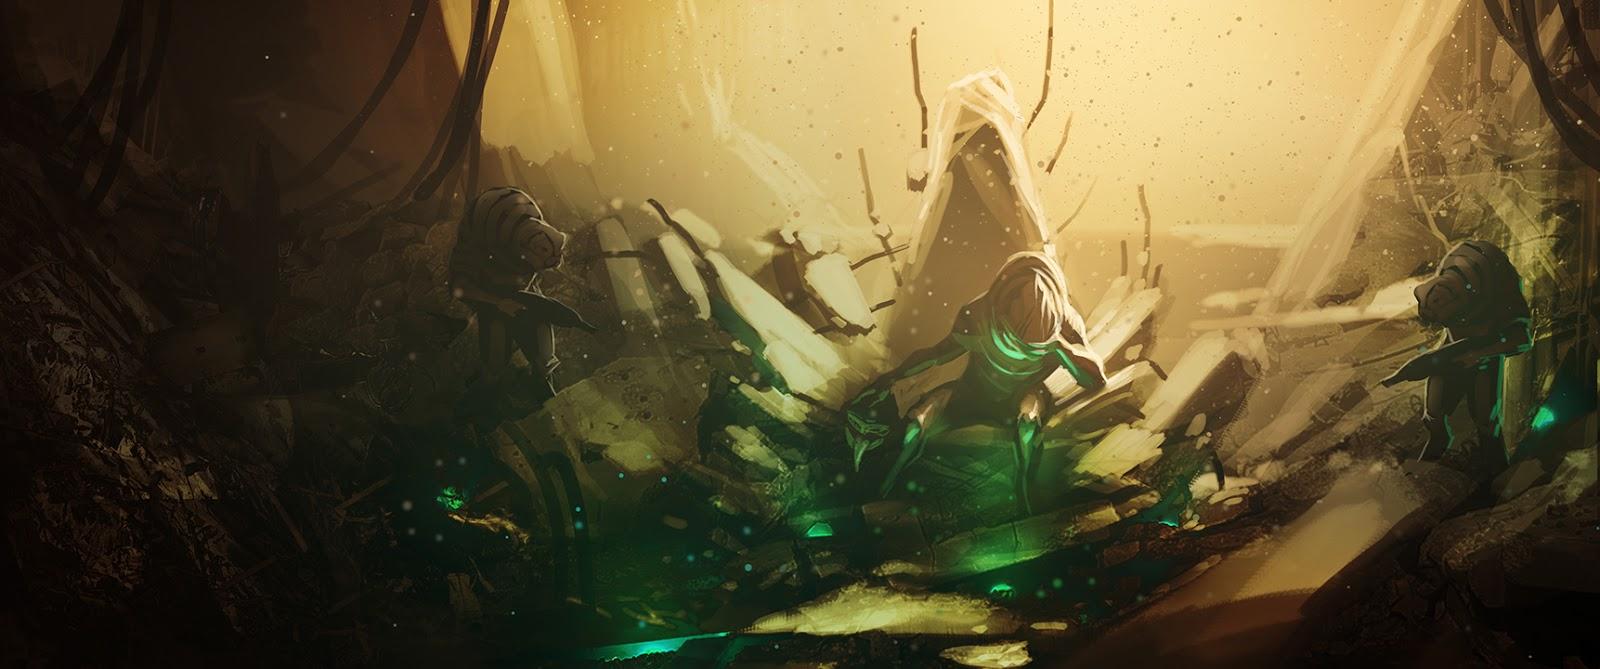 Takhle mohl původně vypadat Mass Effect a Dragon Age 85168